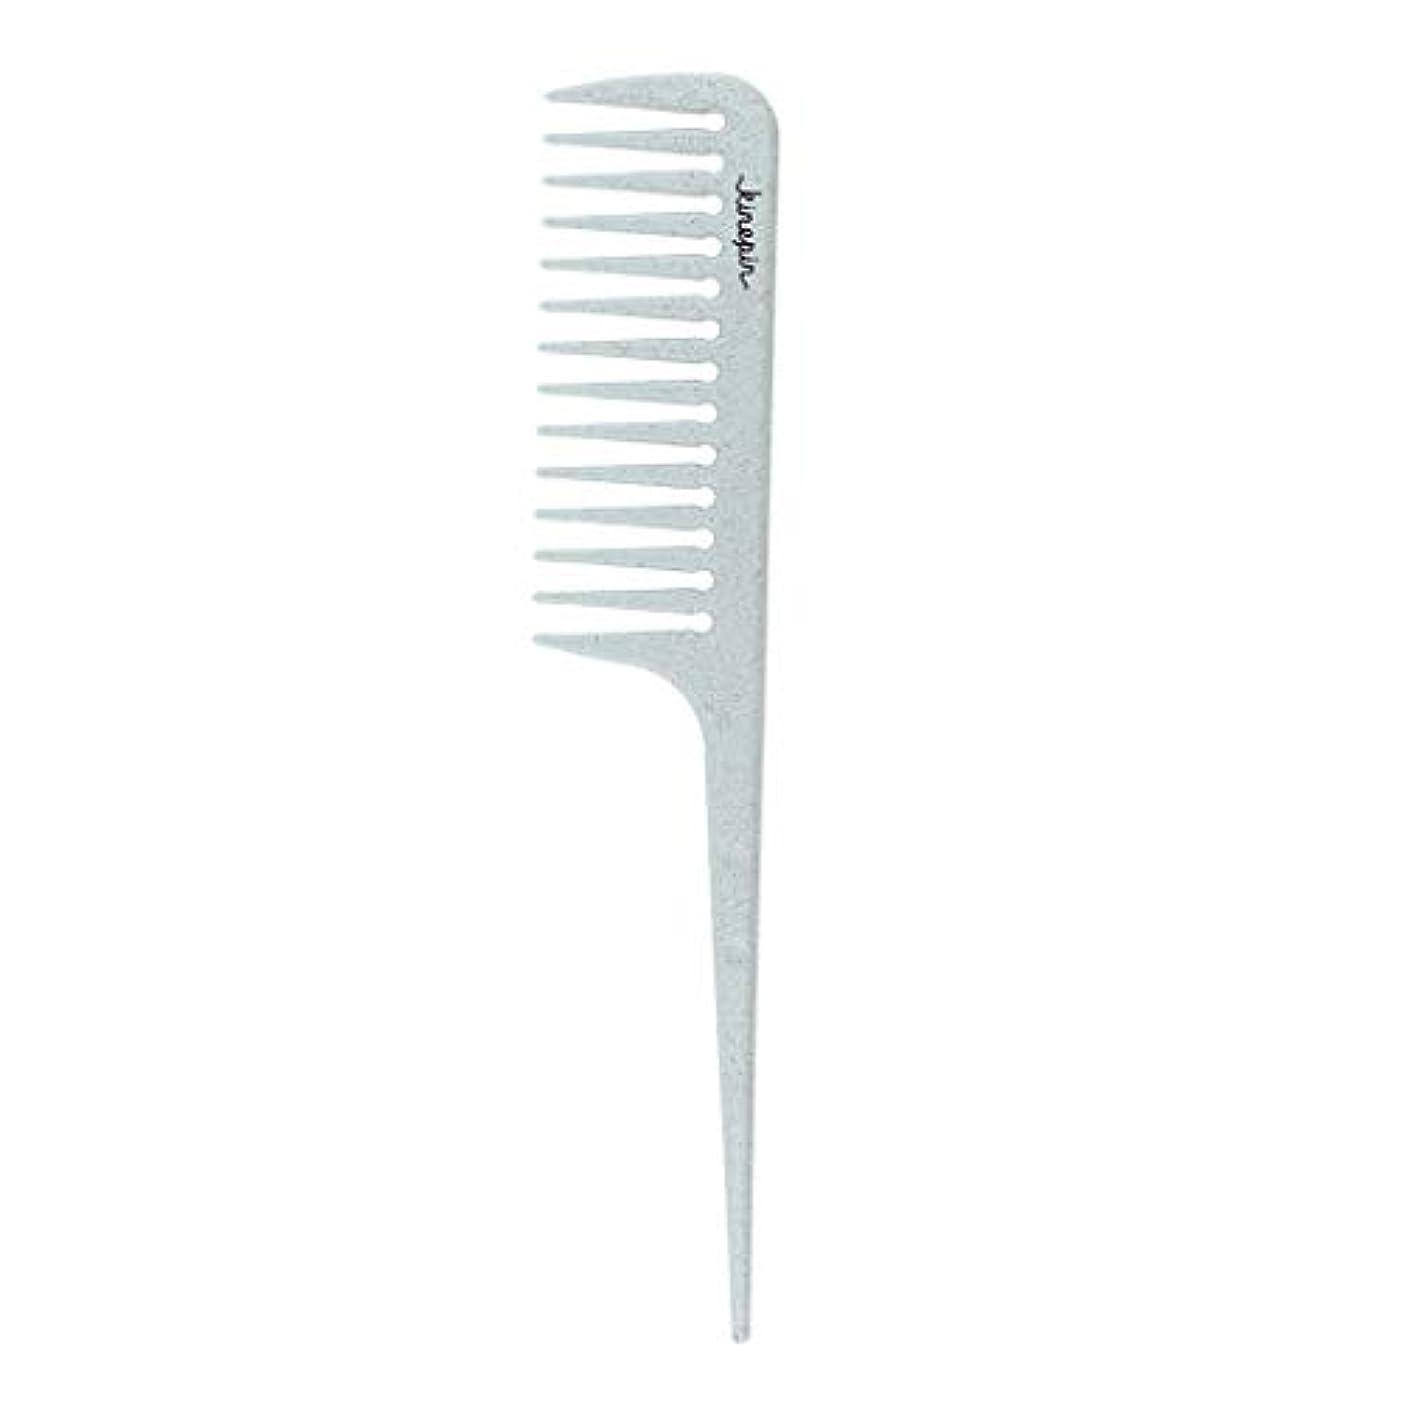 農奴楽観的スリップシューズヘアスタイリストコーム ヘアテールチップ ヘアサロン 美容師 静電気防止櫛 耐熱櫛 4色選べ - 青